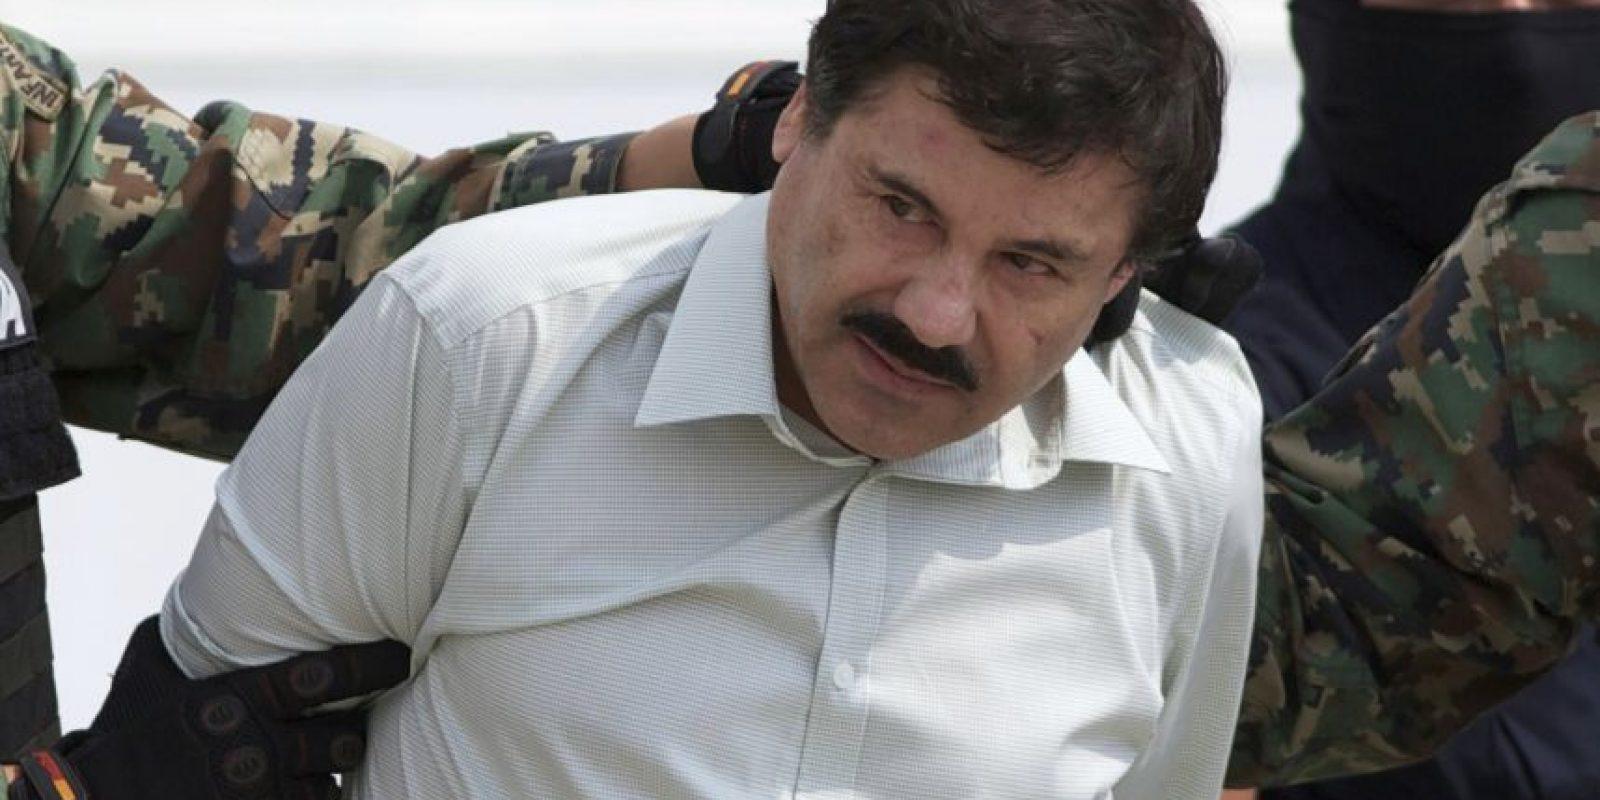 """La noche del sábado 11 de julio, el narcotraficante mexicano Joaquín Guzmán Loera """"El Chapo"""", escapó del penal de máxima seguridad de El Altiplano, después de pasar un año y 139 días preso. Foto:AP"""